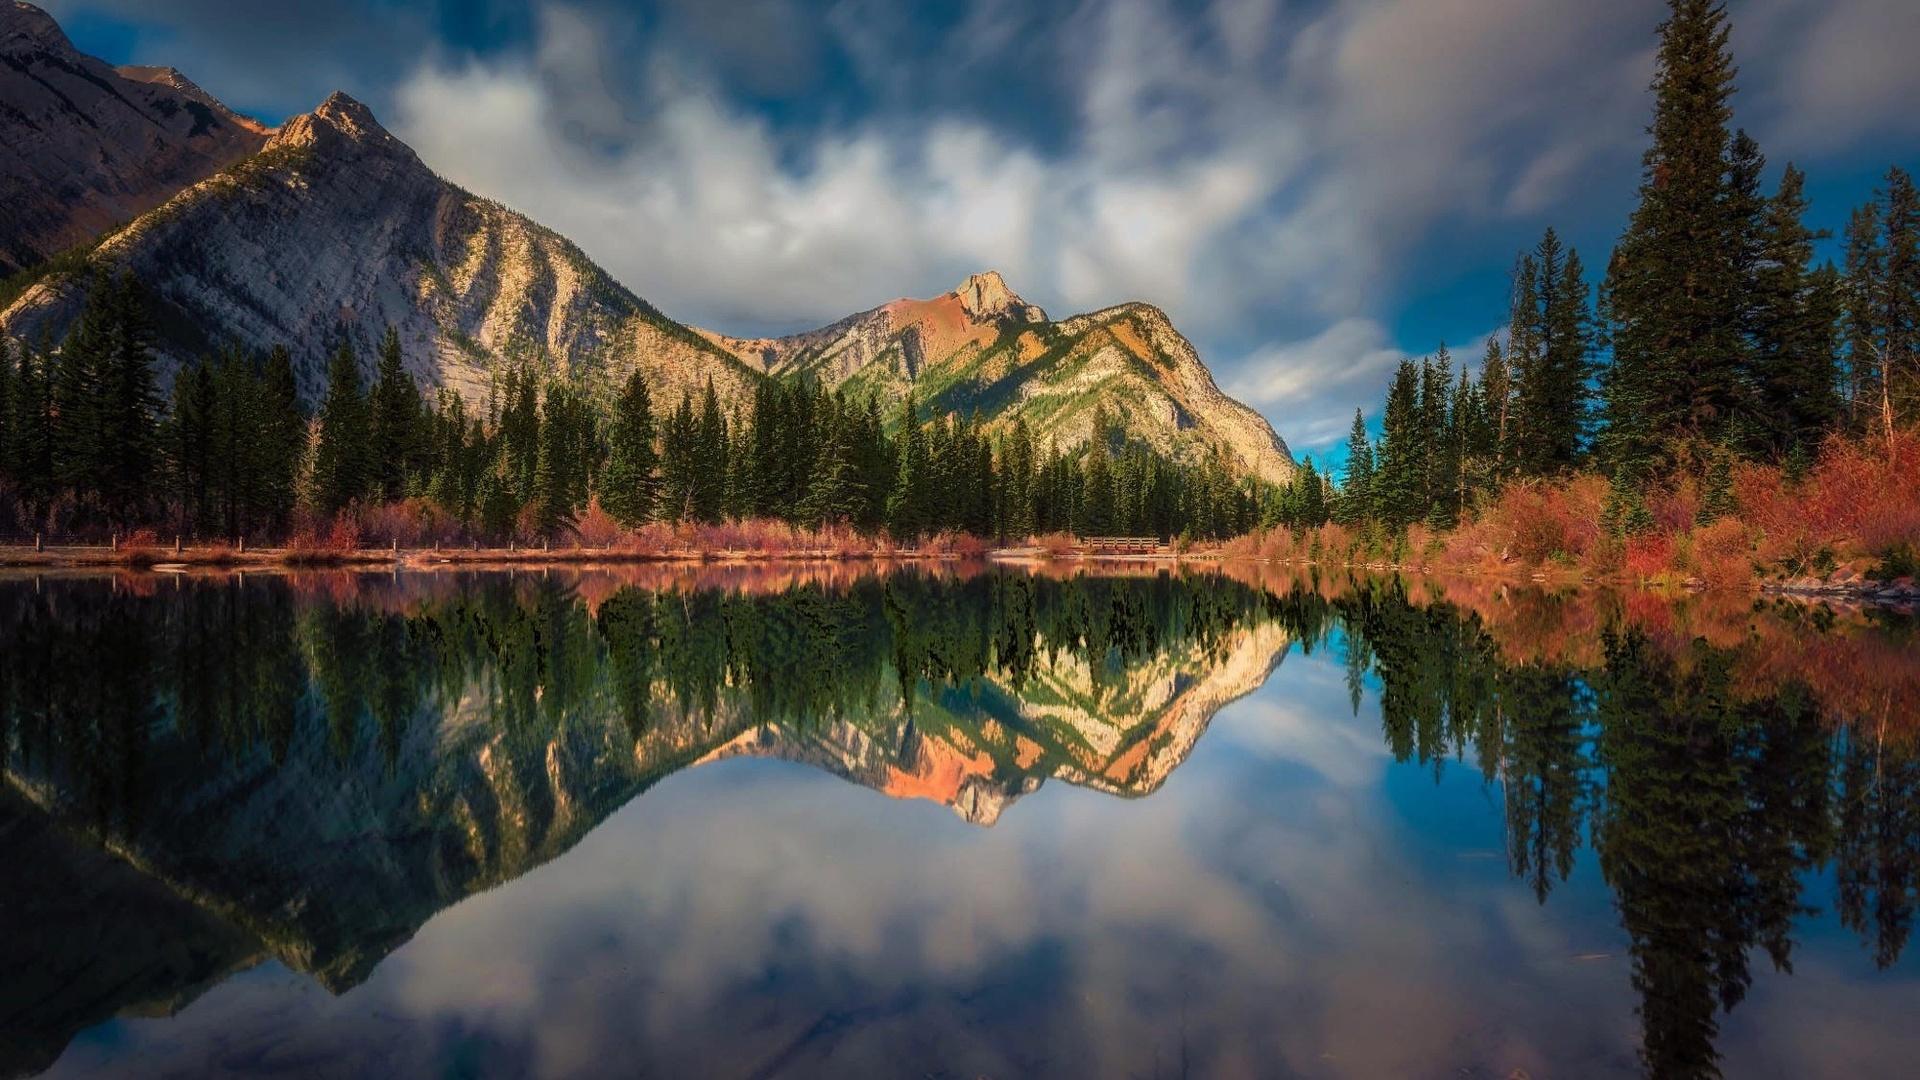 озеро, лес, горы, отражение